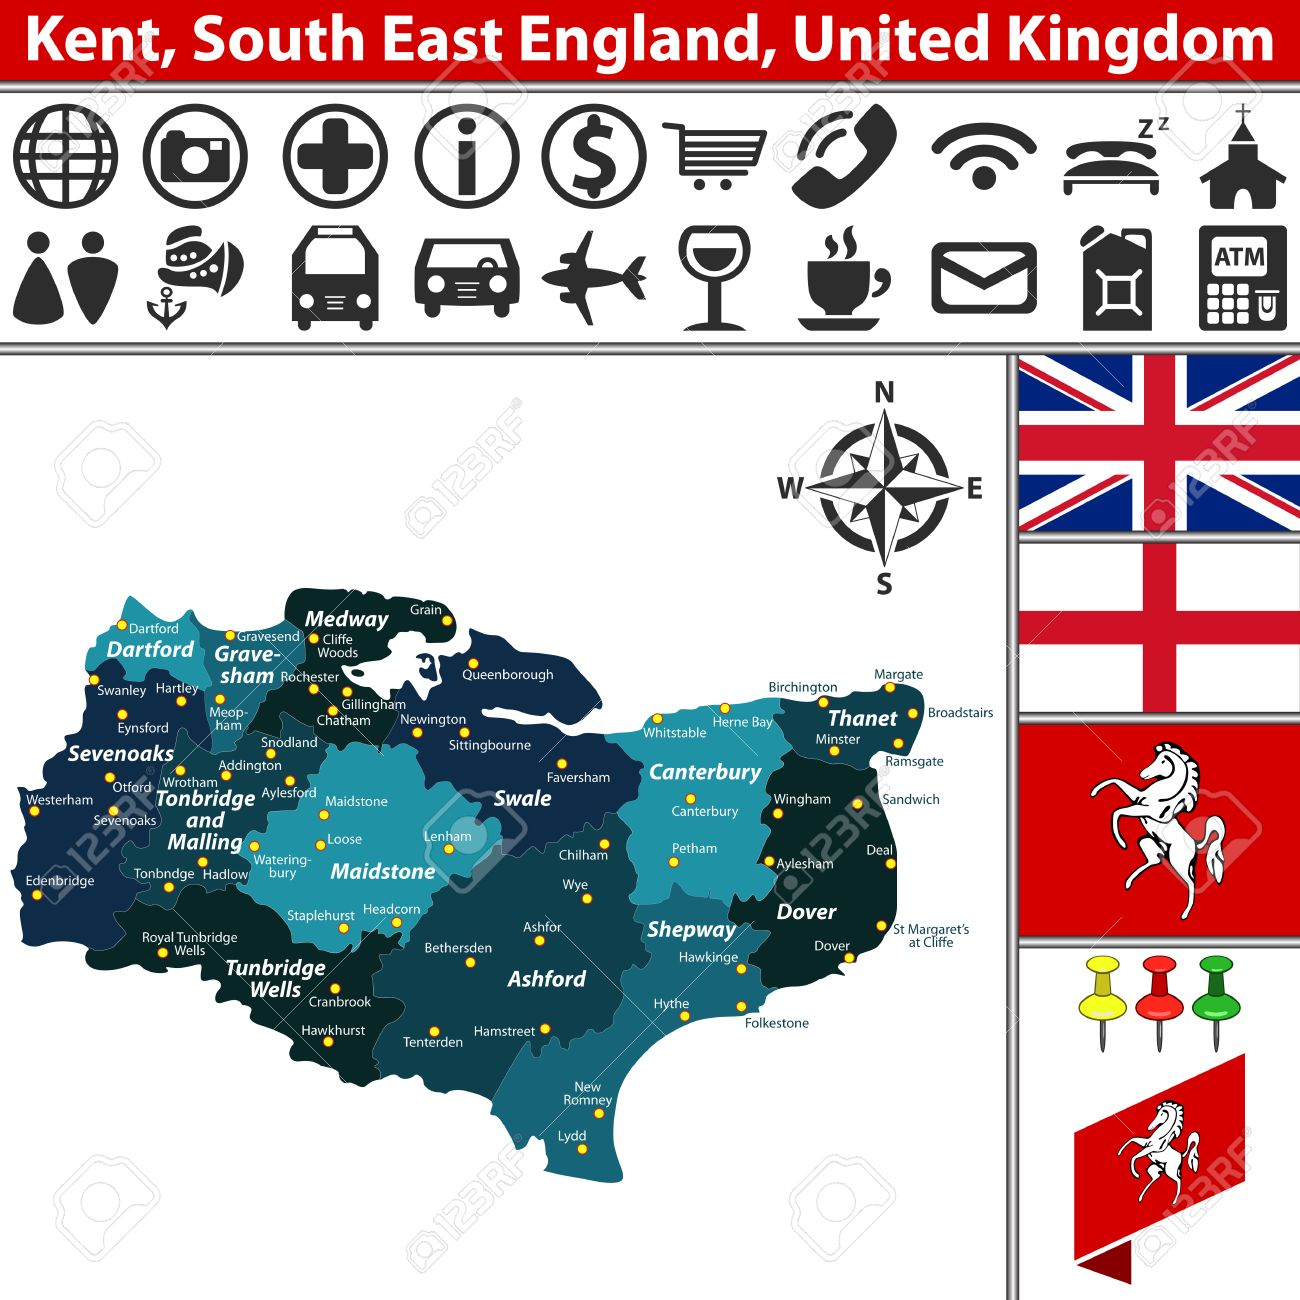 Vector Kaart Van Kent Zuidoost Engeland Groot Brittannie Met De